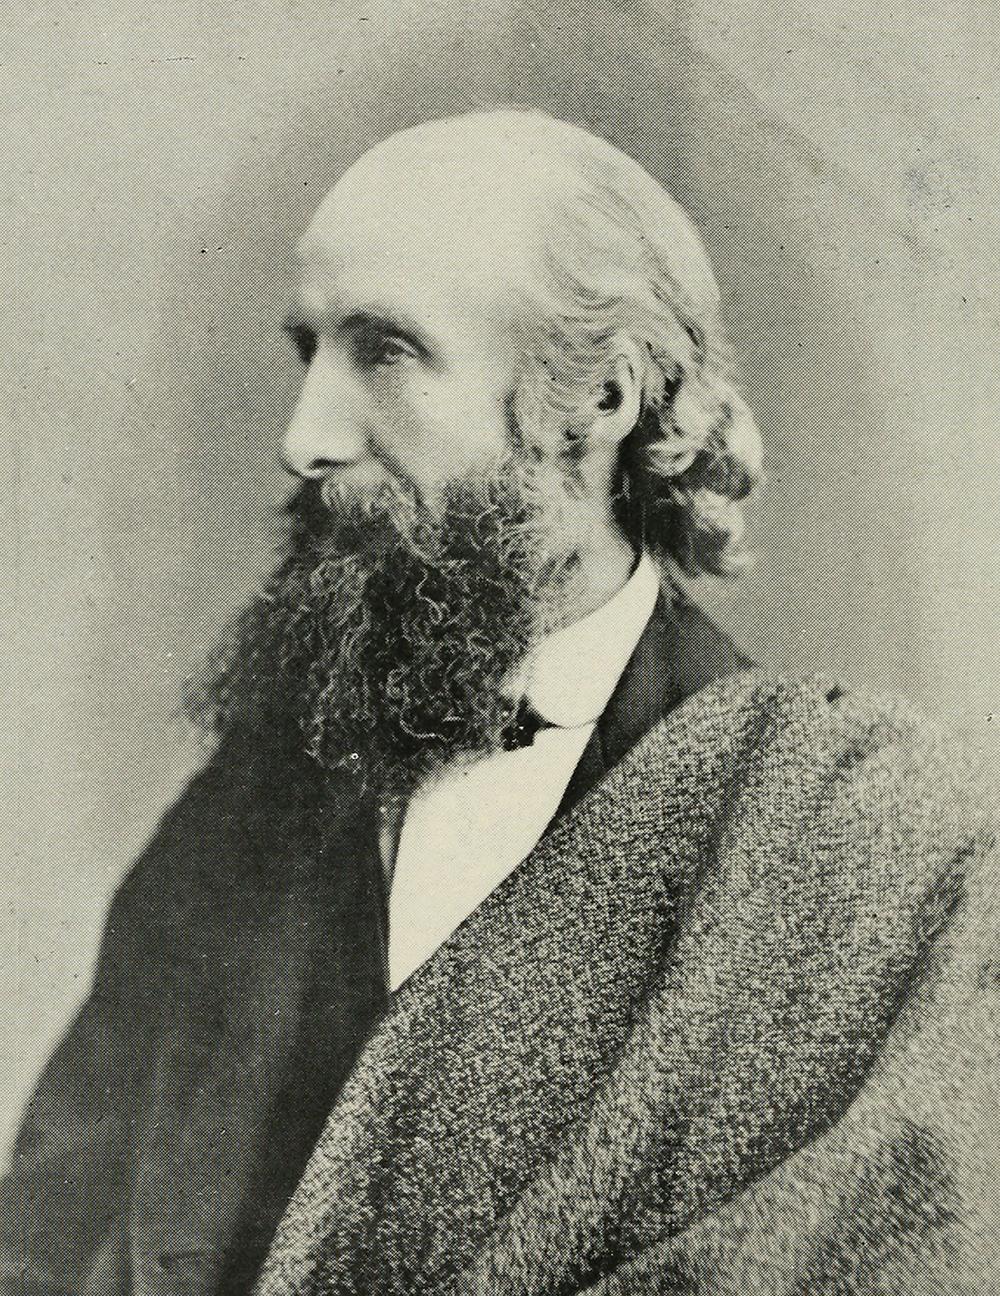 John Beddoe